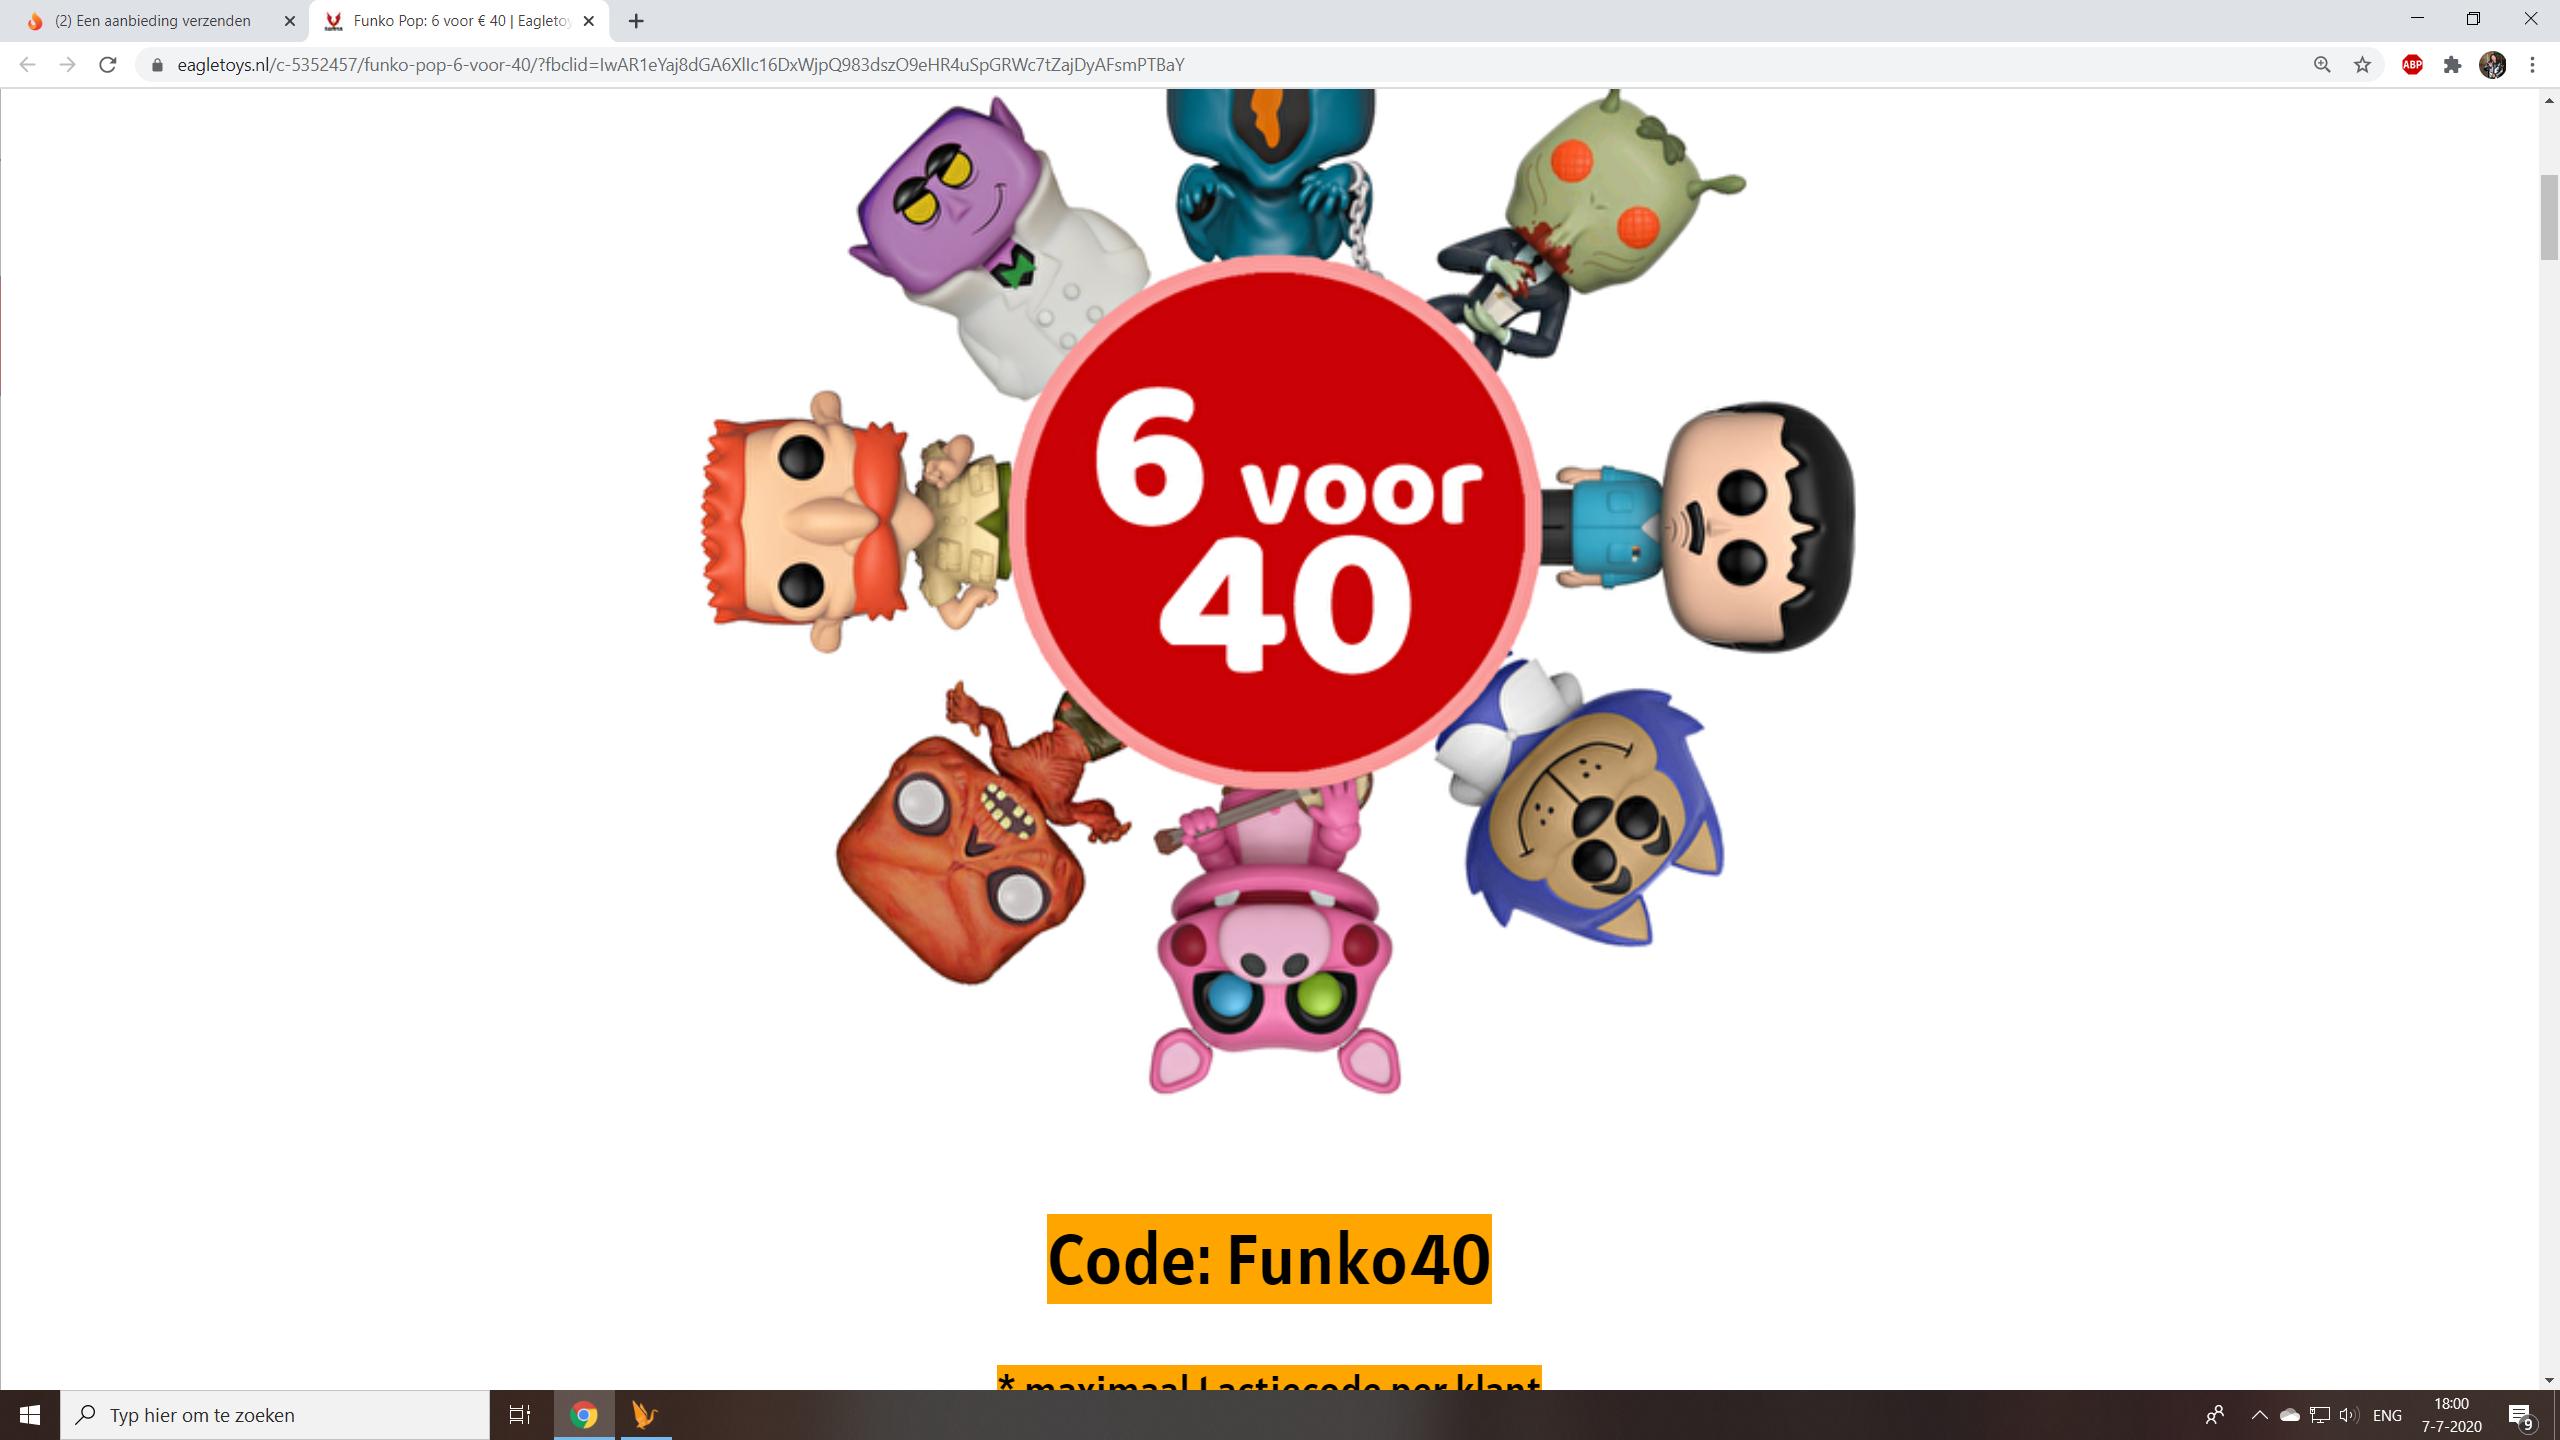 Funko Pop 6 voor €40 @Eagletoys.nl